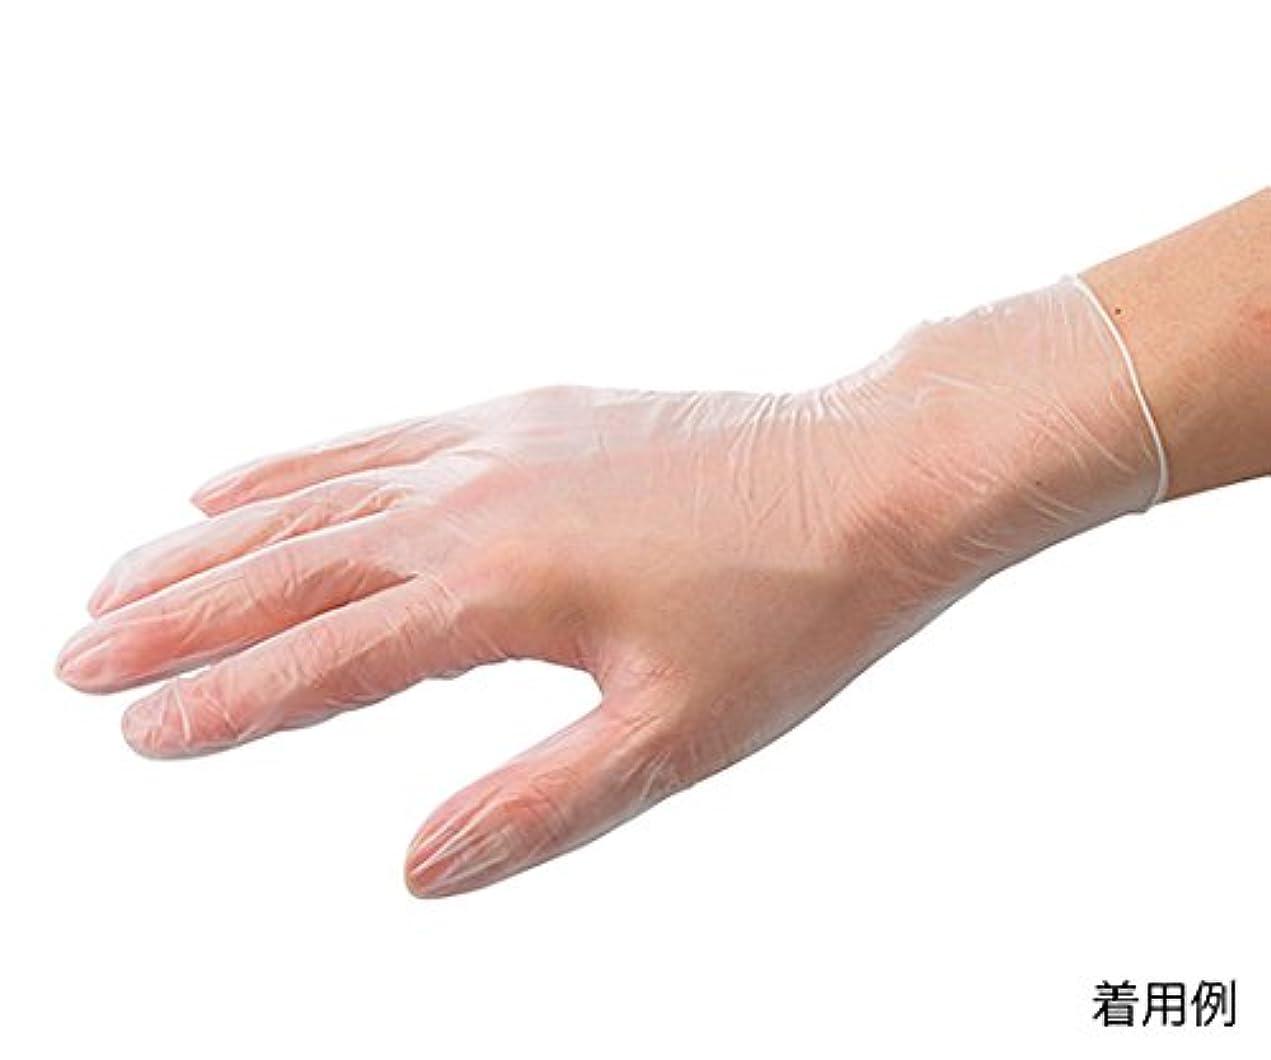 しおれた野菜体操選手ARメディコム?インク?アジアリミテッド7-3727-03バイタルプラスチック手袋(パウダー付き)L150枚入